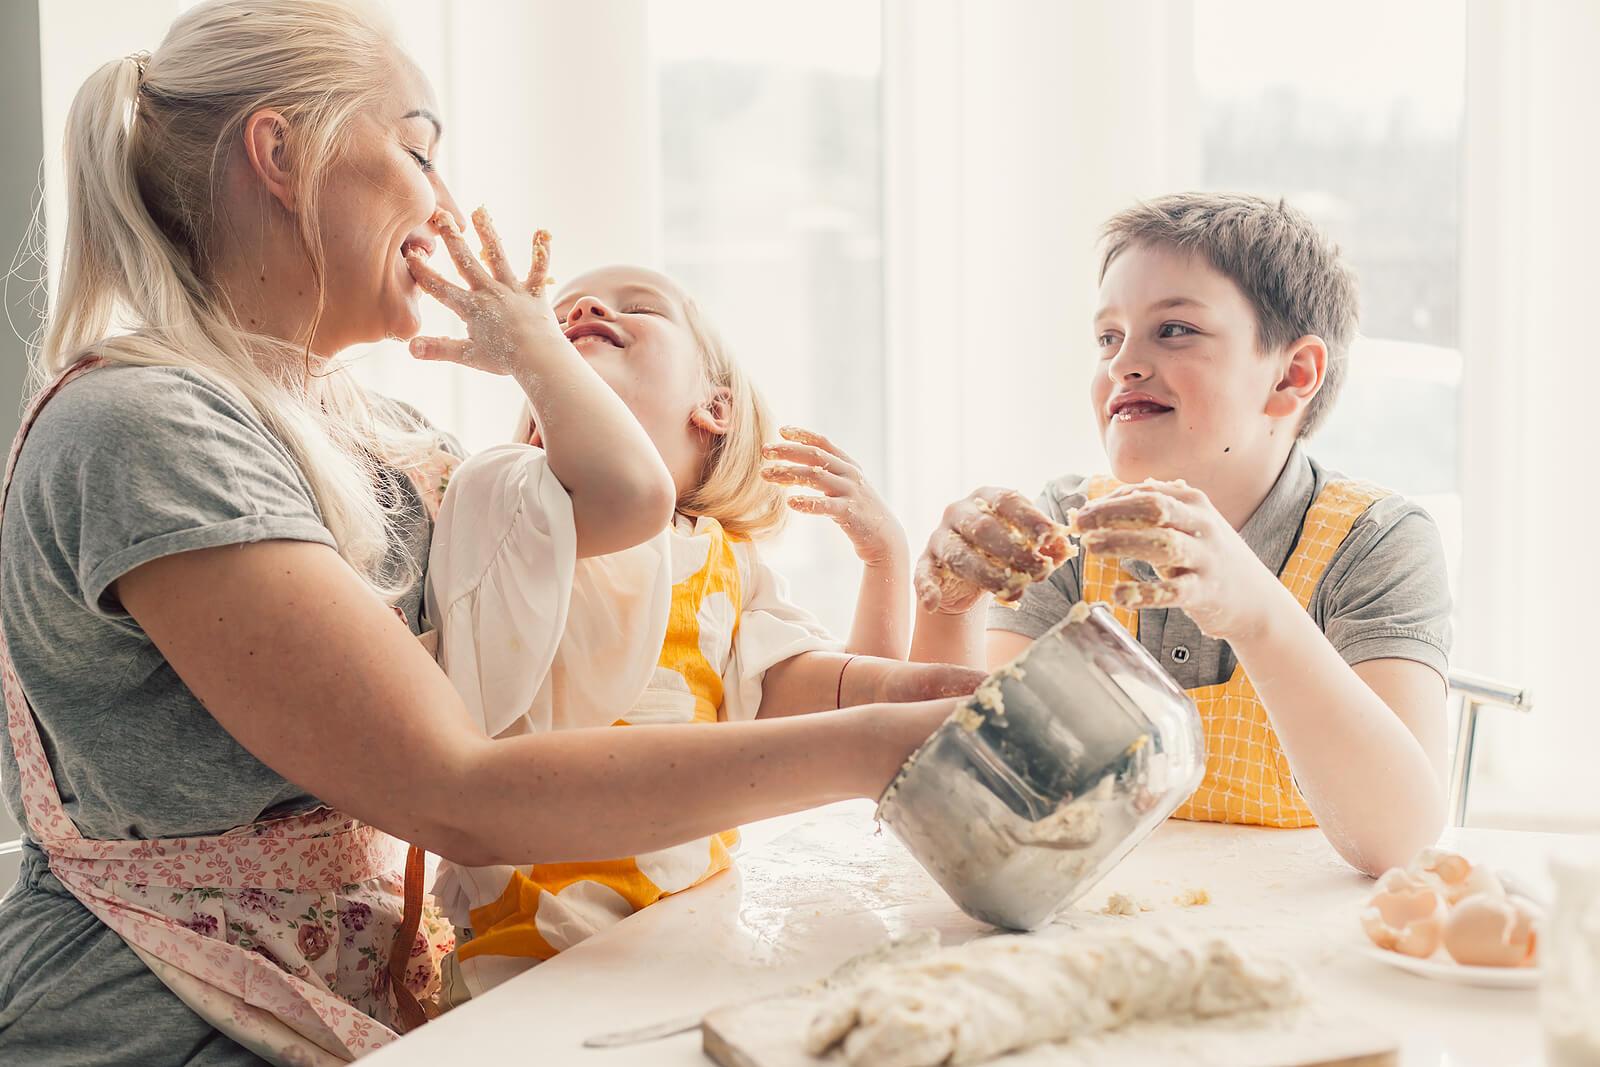 Madre con sus hijos haciendo actividades de cocina para niños.